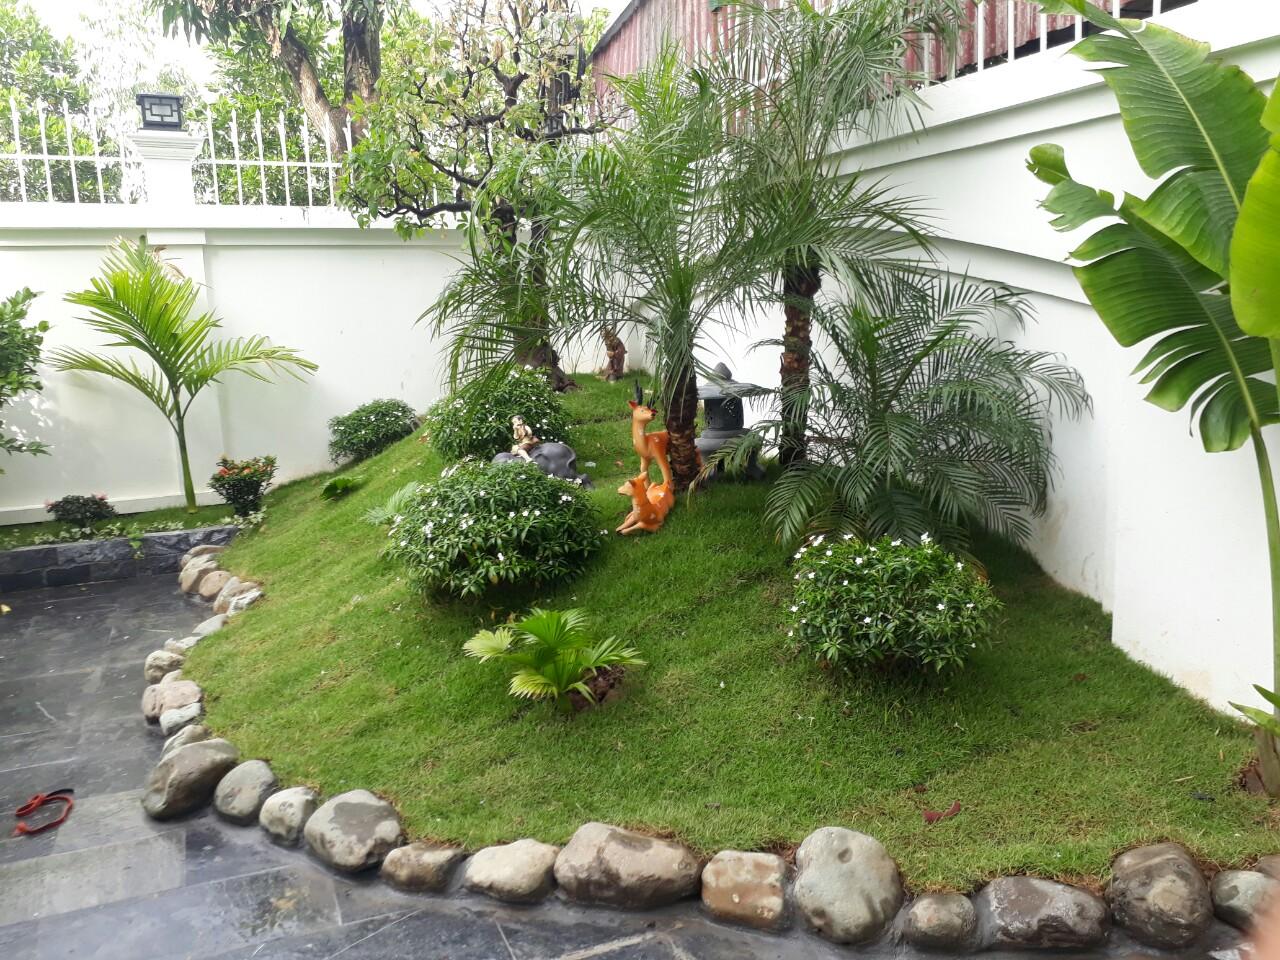 Tận dụng phần đất nhô lên để tạo điểm nhấn cho góc sân nhà